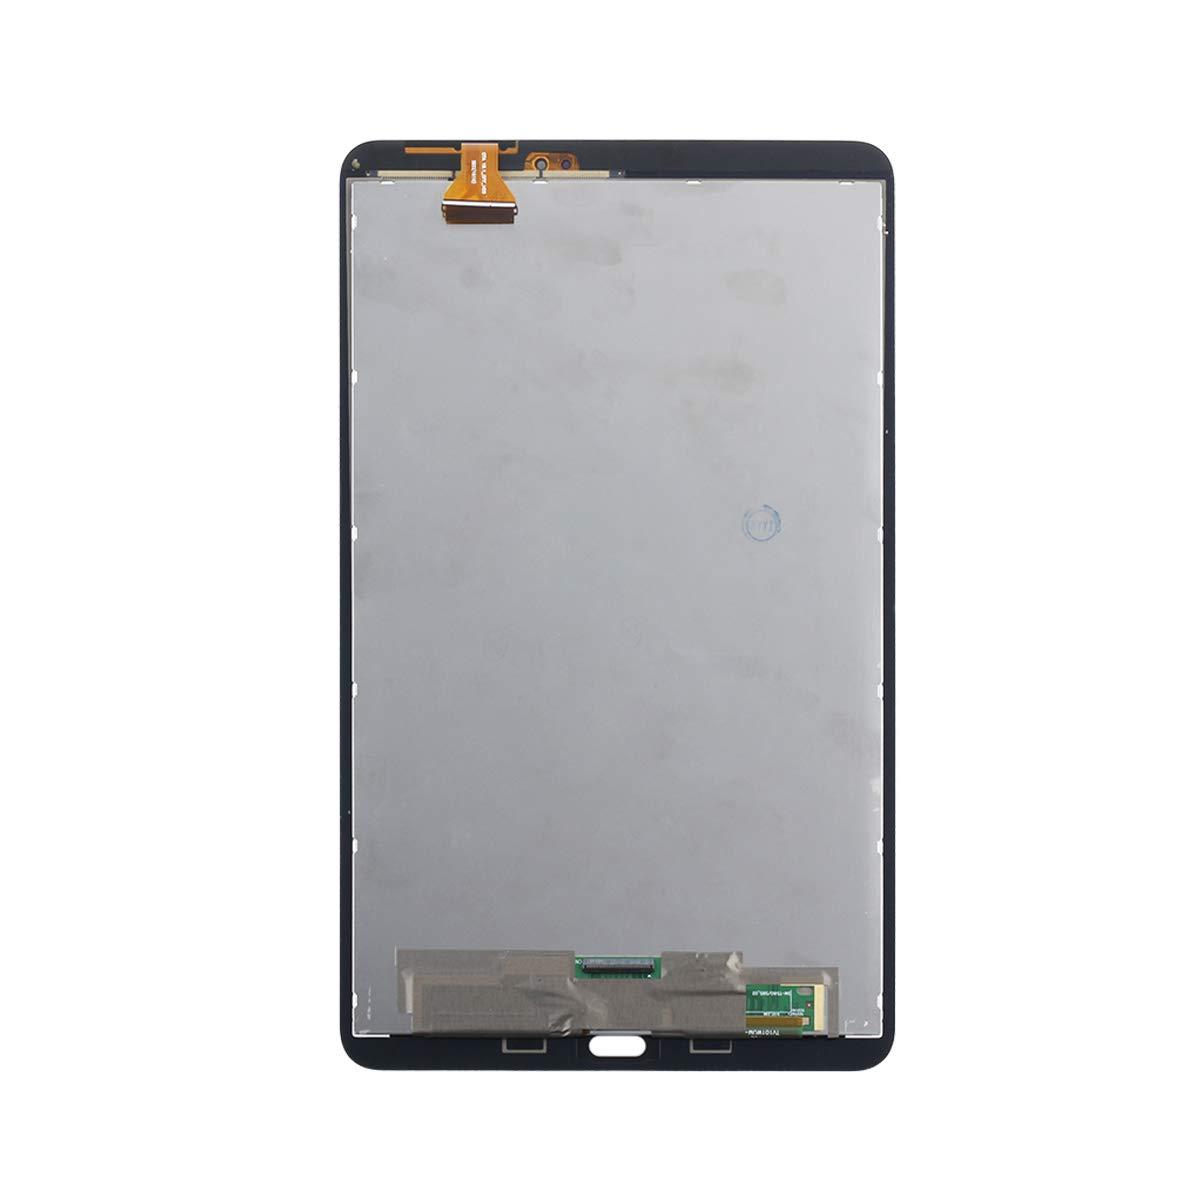 Schwarz Touchscreen Digitizer mit Frei Werkzeuge YHX-OU F/ür Samsung Galaxy Tab A 2016 SM-T580 T585 T580 10.1 Reparatur und Ersatz LCD Display